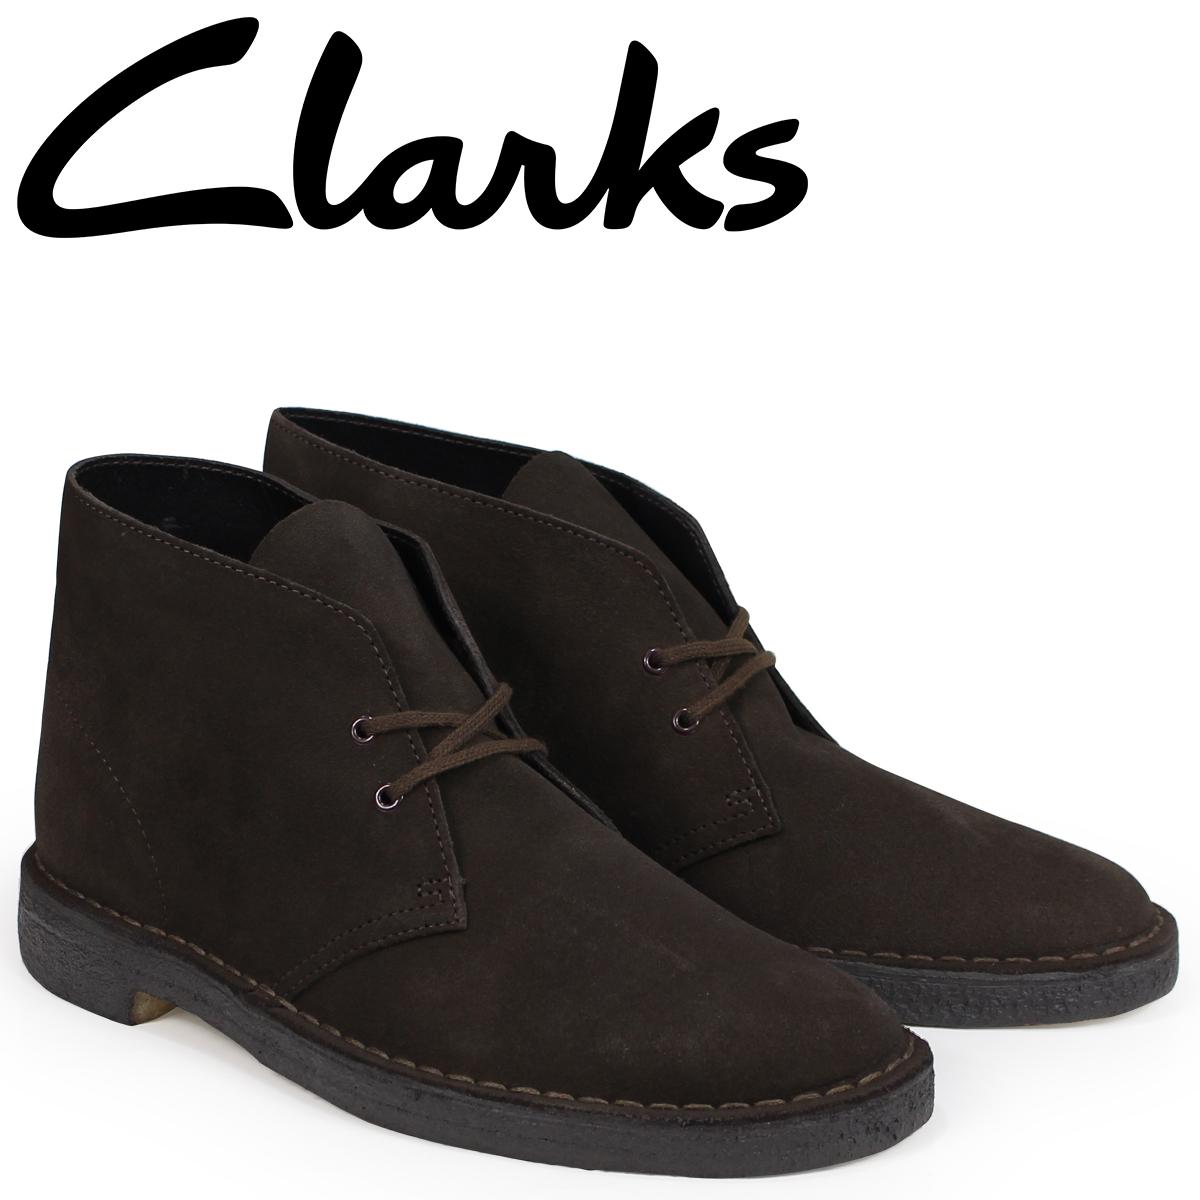 クラークス Clarks デザートブーツ メンズ DESERT BOOT 26138229 ダークブラウン [3/30 追加入荷]